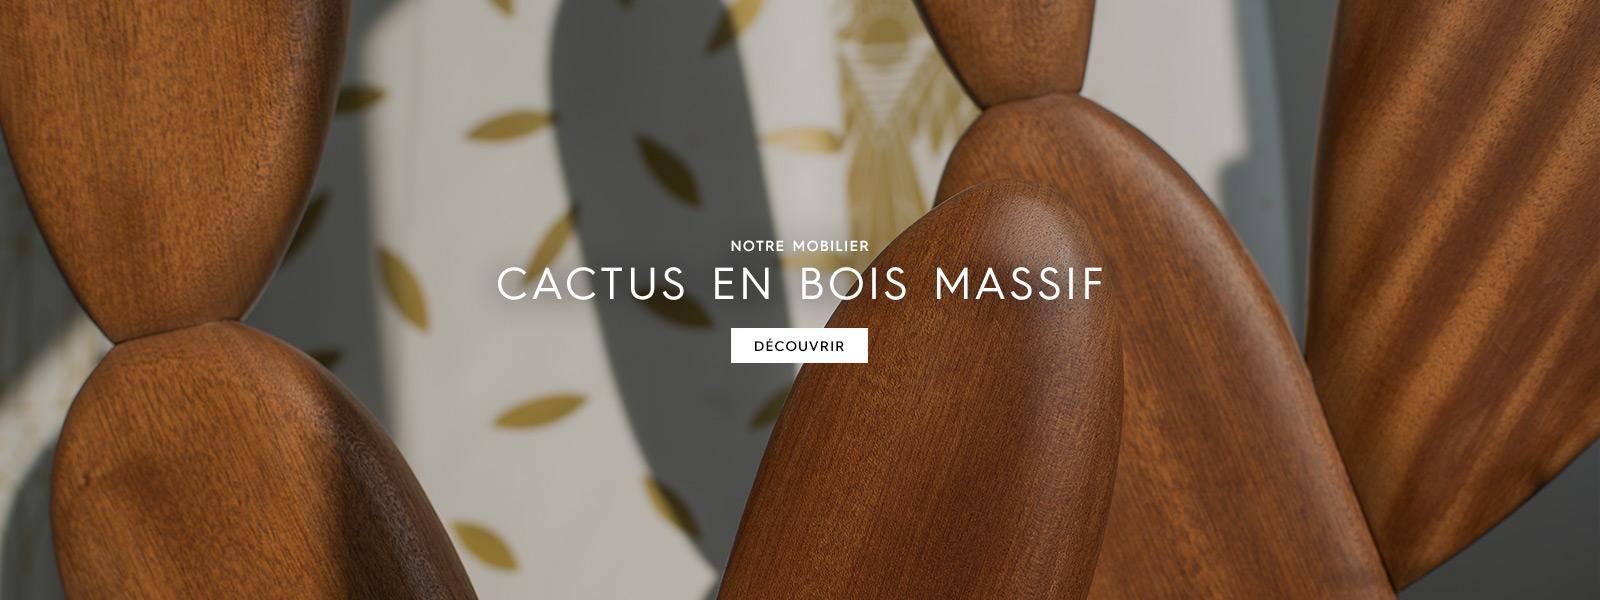 hp-1600x600-cactusbois